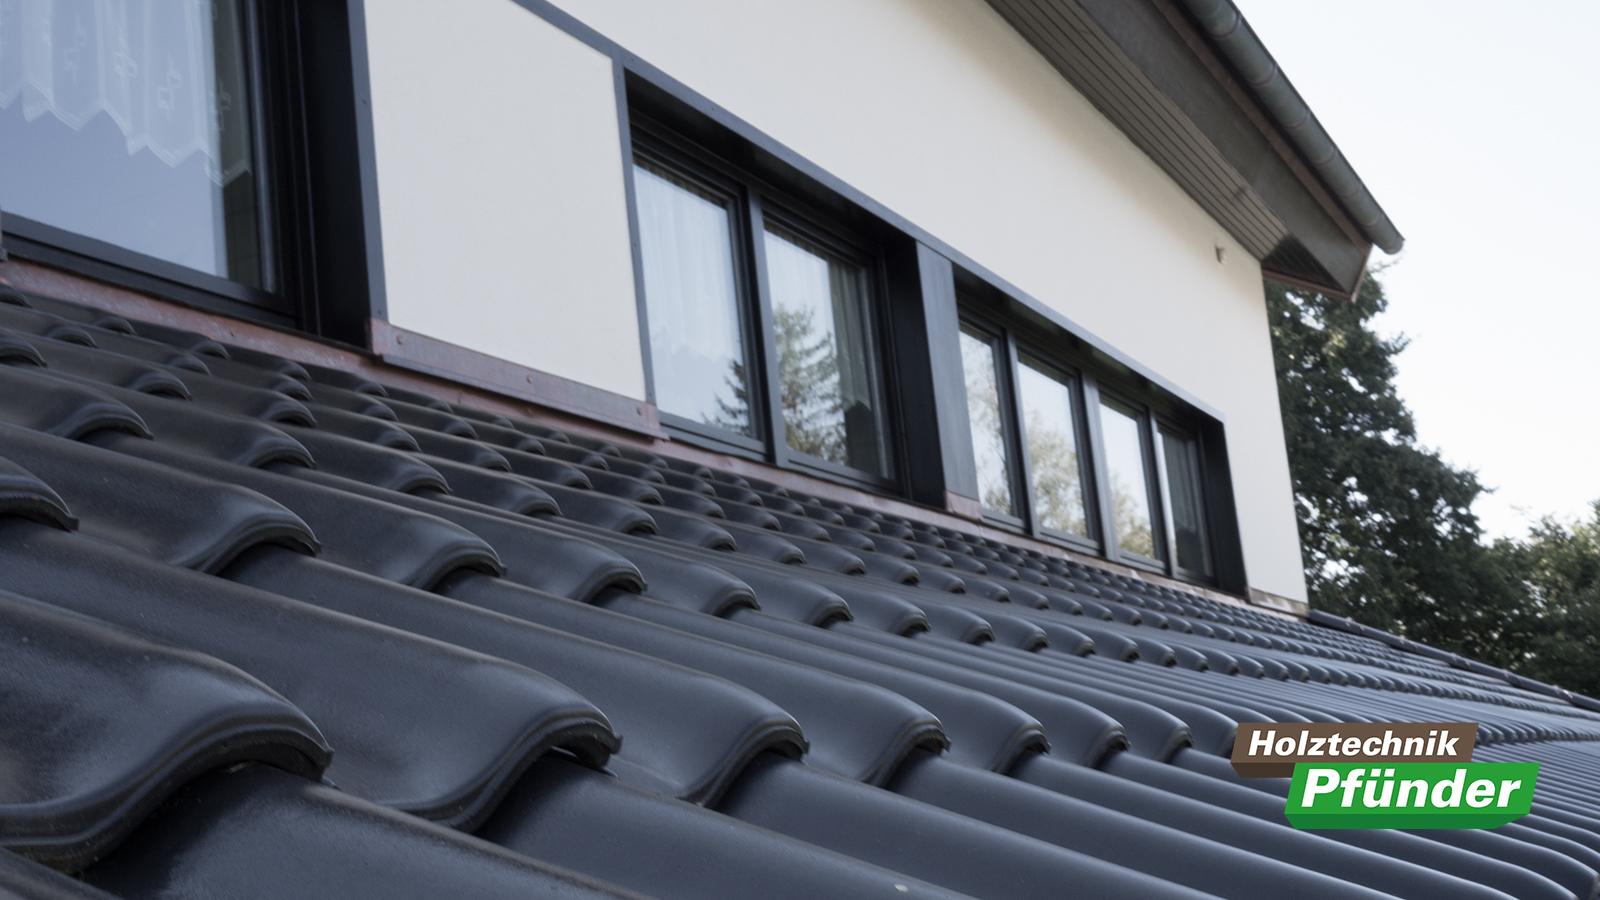 holztechnik pfuender dach